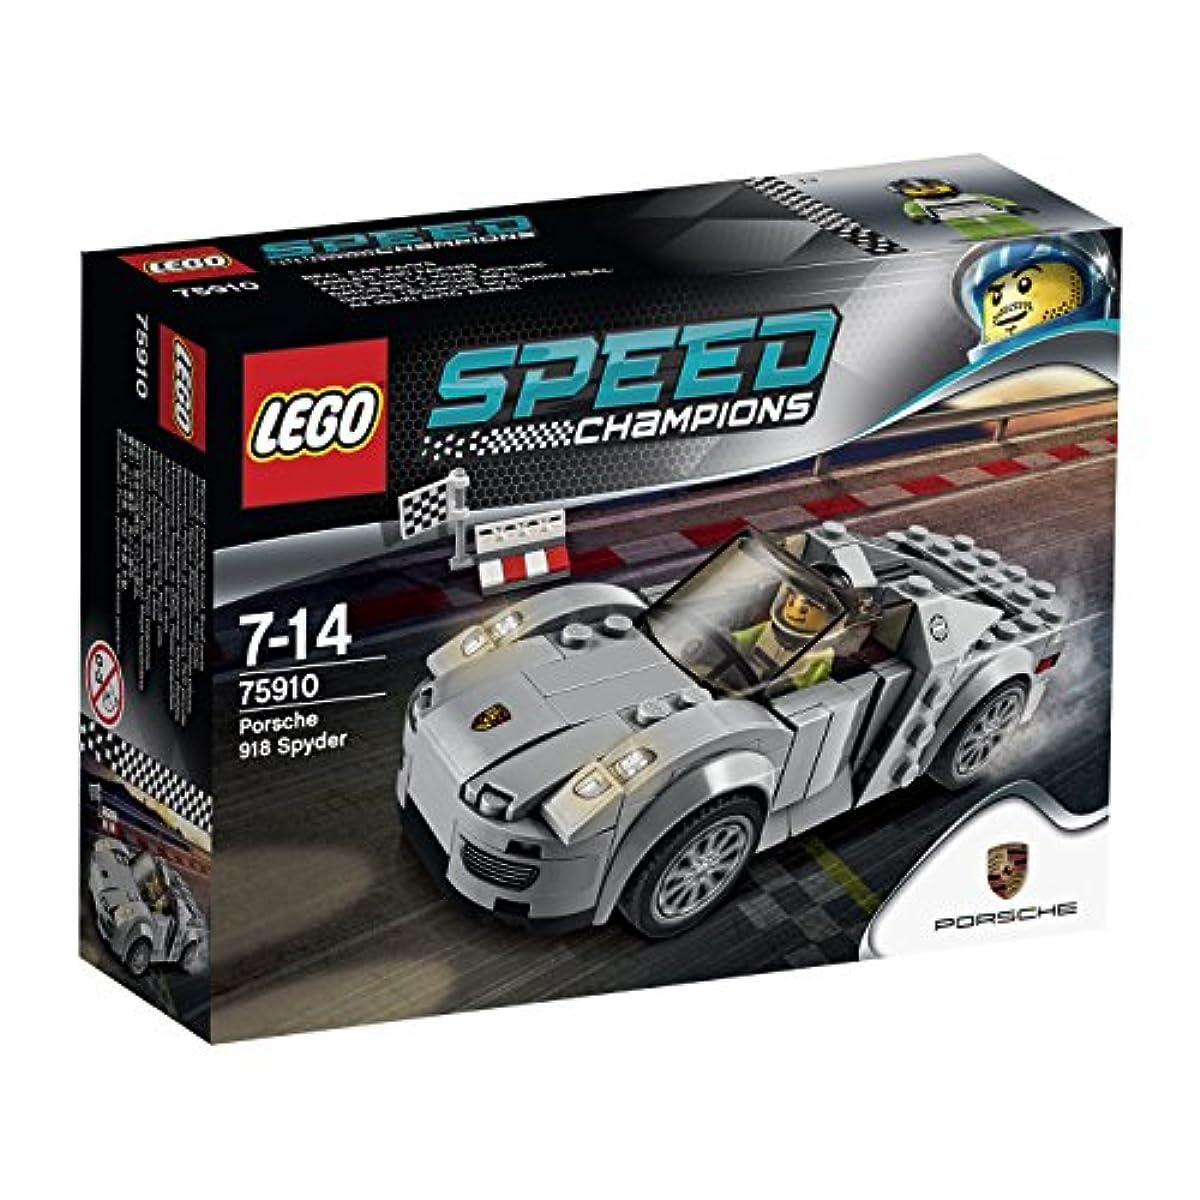 [해외] 레고 (LEGO) 스피드 챔피언 포르쉐 918 스파이더 75910-75910 (2015-03-06)